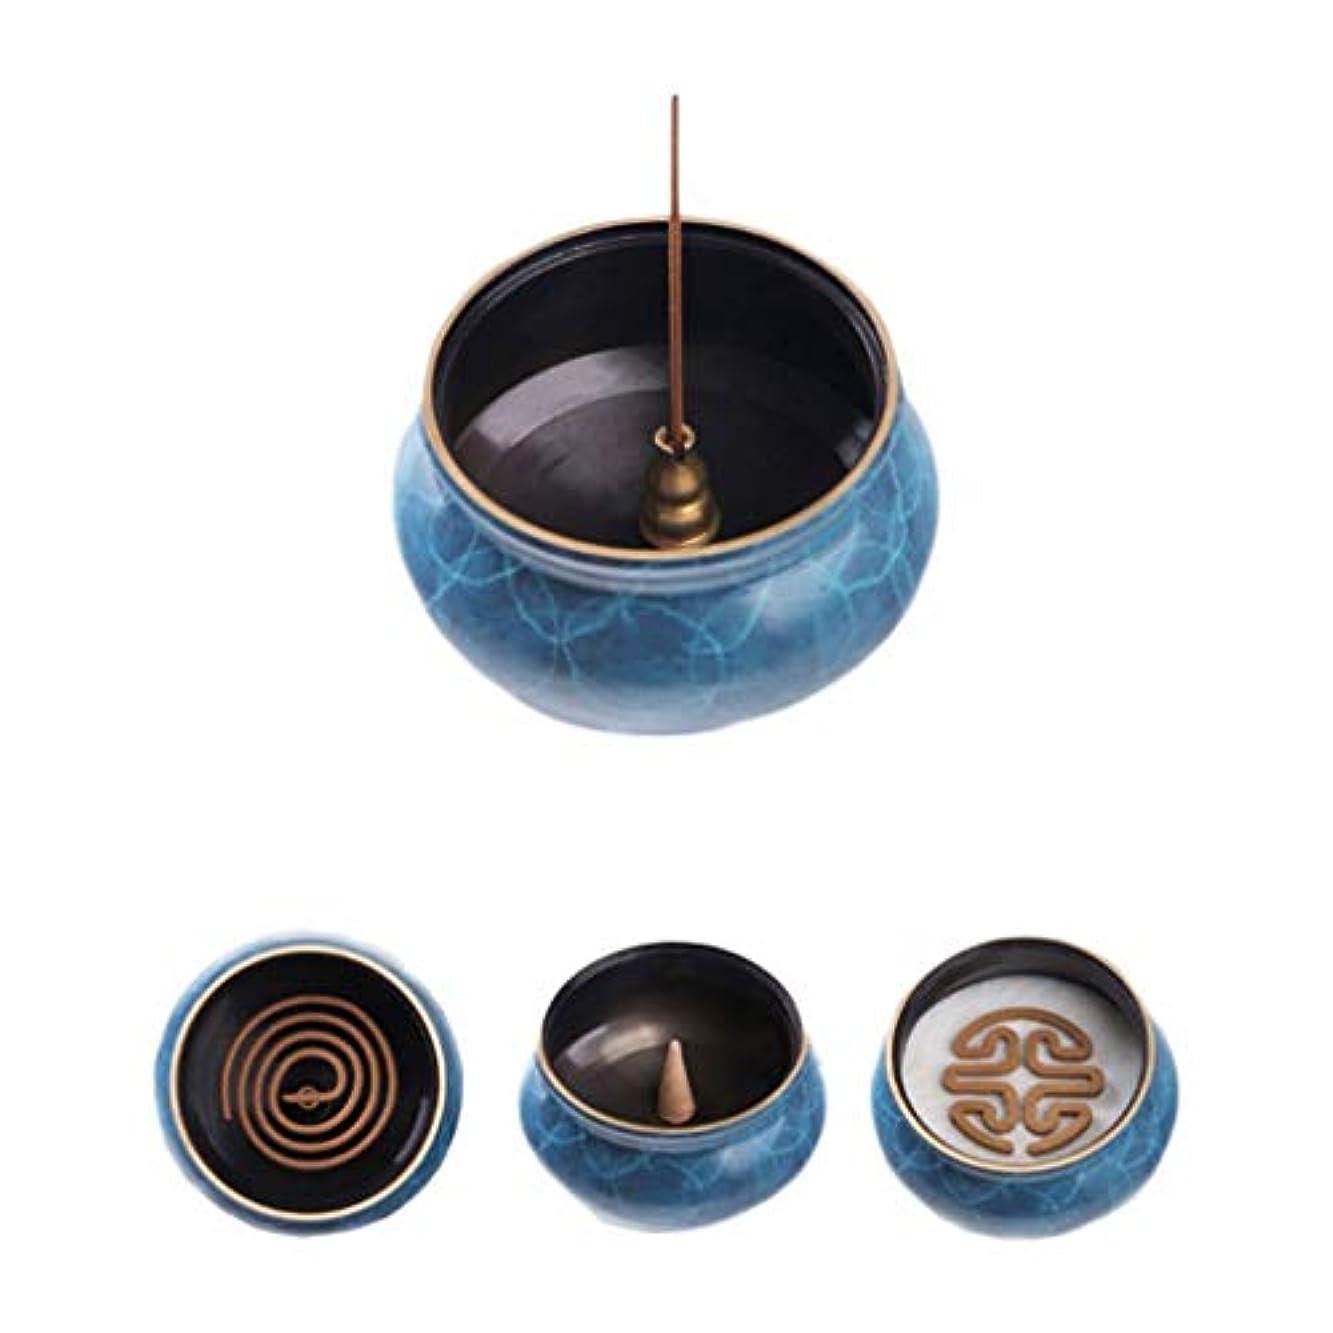 貫通蓮反抗ホームアロマバーナー 純粋な銅香炉ホームアンティーク白檀用仏寒天香炉香り装飾アロマセラピー炉 アロマバーナー (Color : Blue copper)